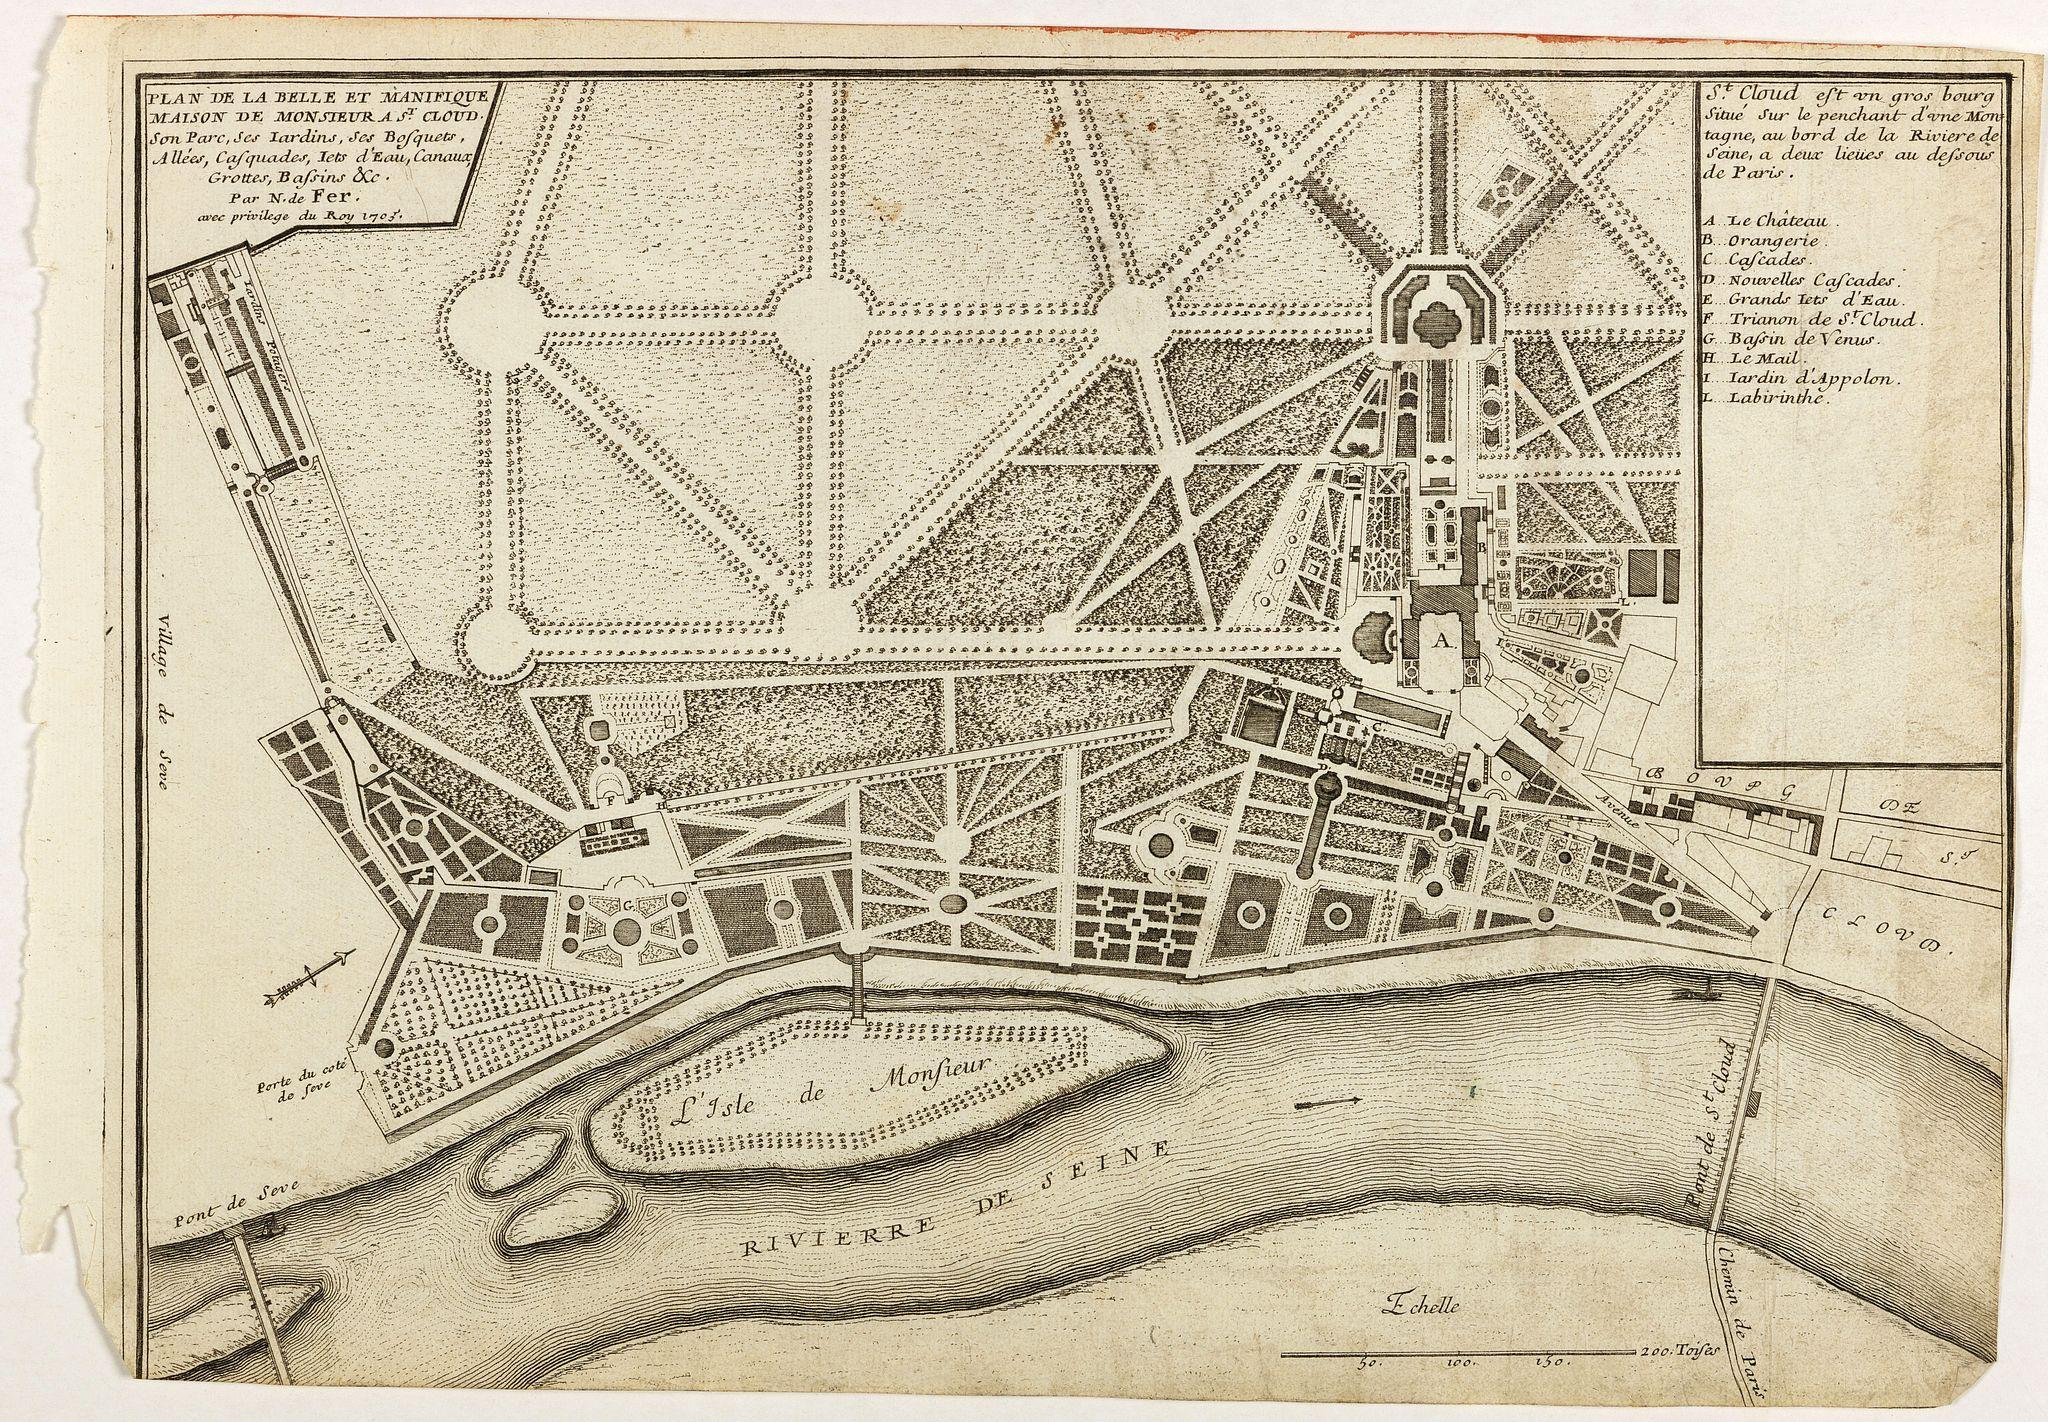 DE FER, N. -  Plan de la belle et magnifique Maison de Monsieur A St Cloud . . .